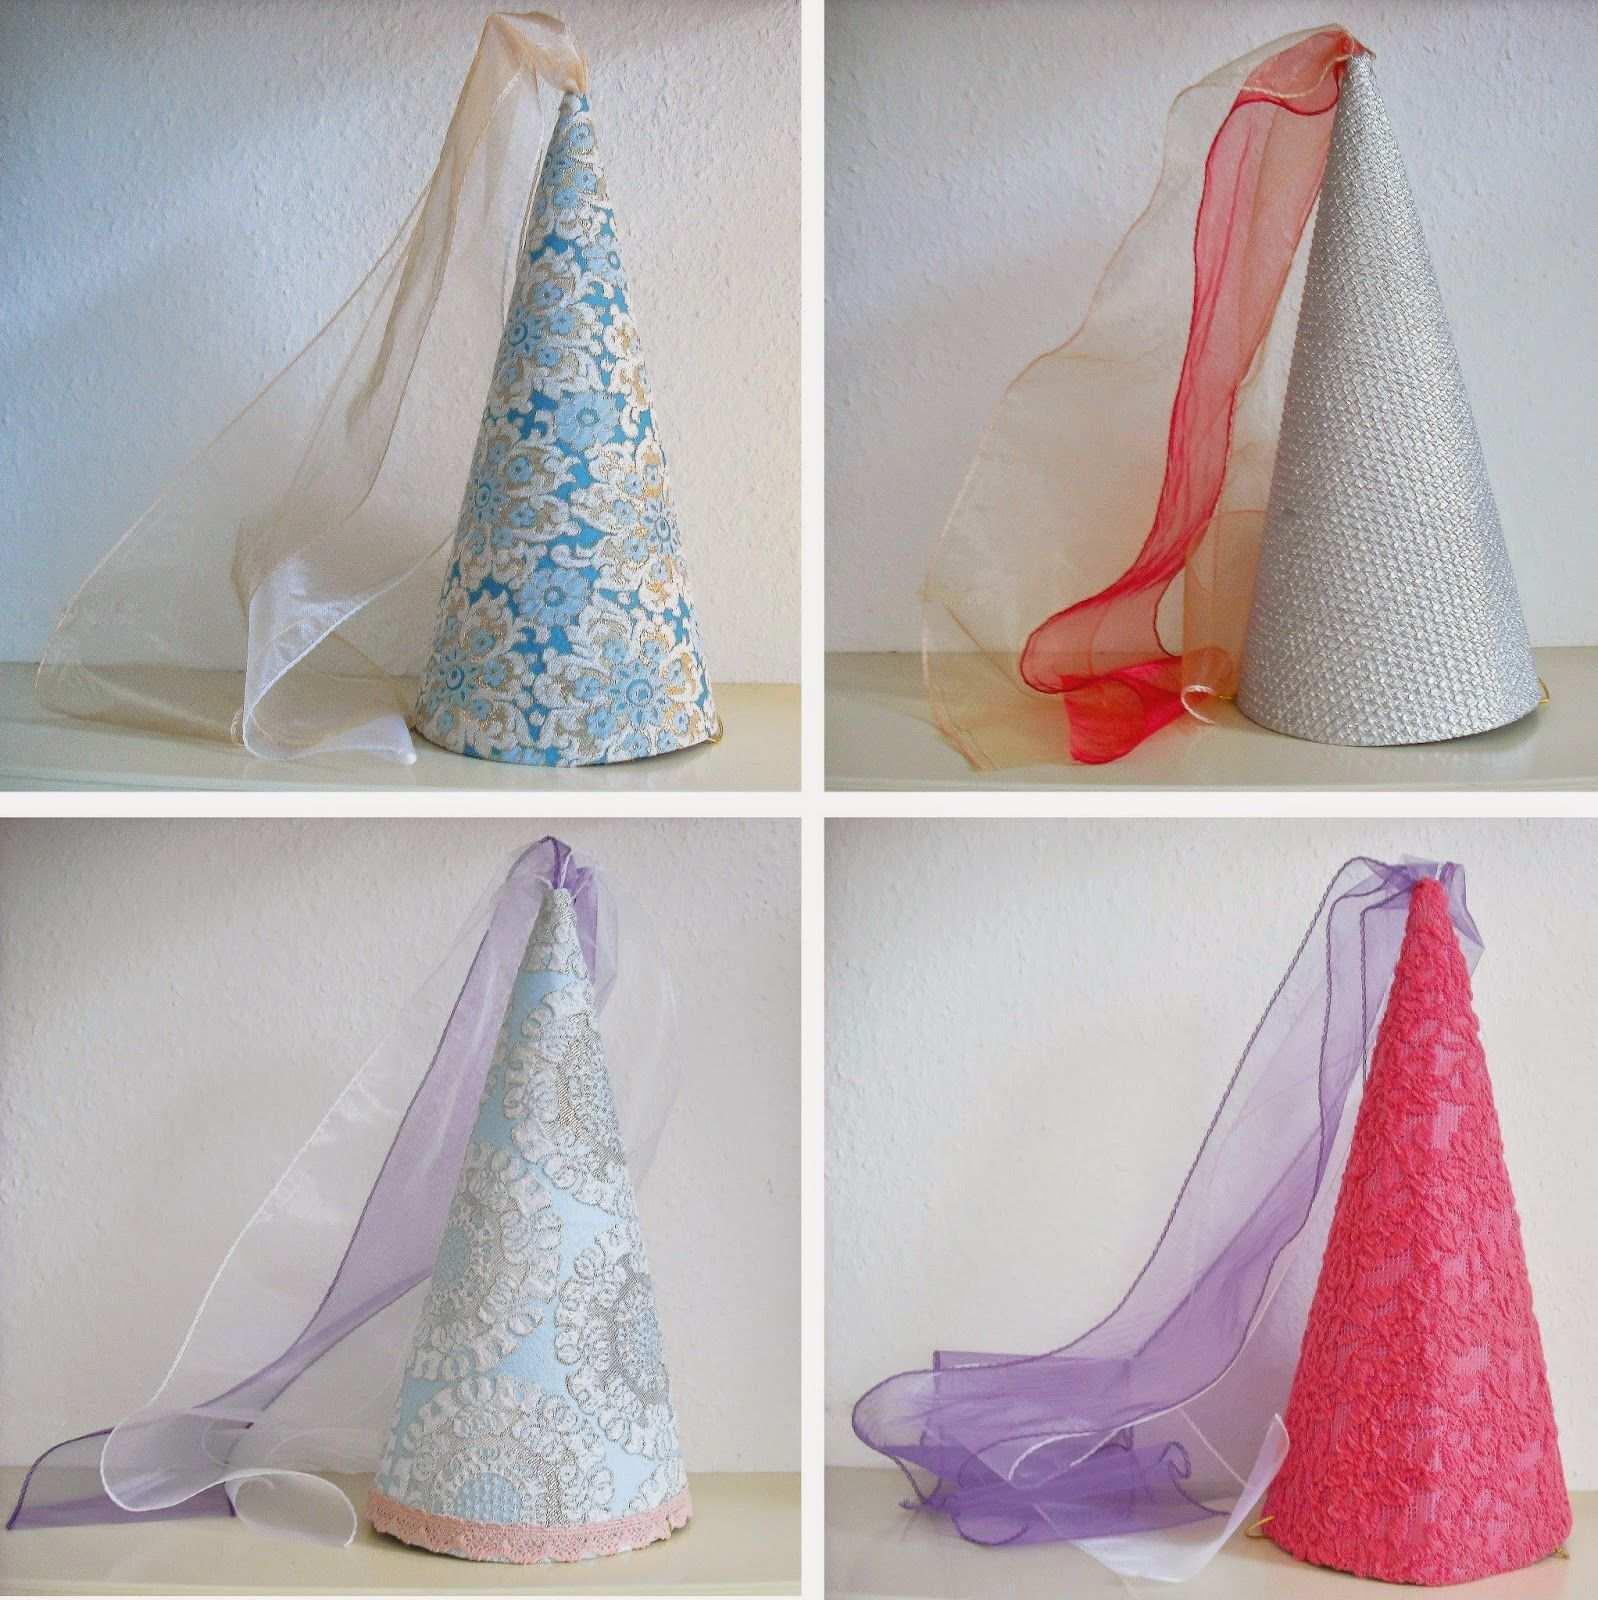 Hut Sucht Burgfraulein Diy Ideas For Kids Diy For Kids Kids Dress Up Medieval Crafts